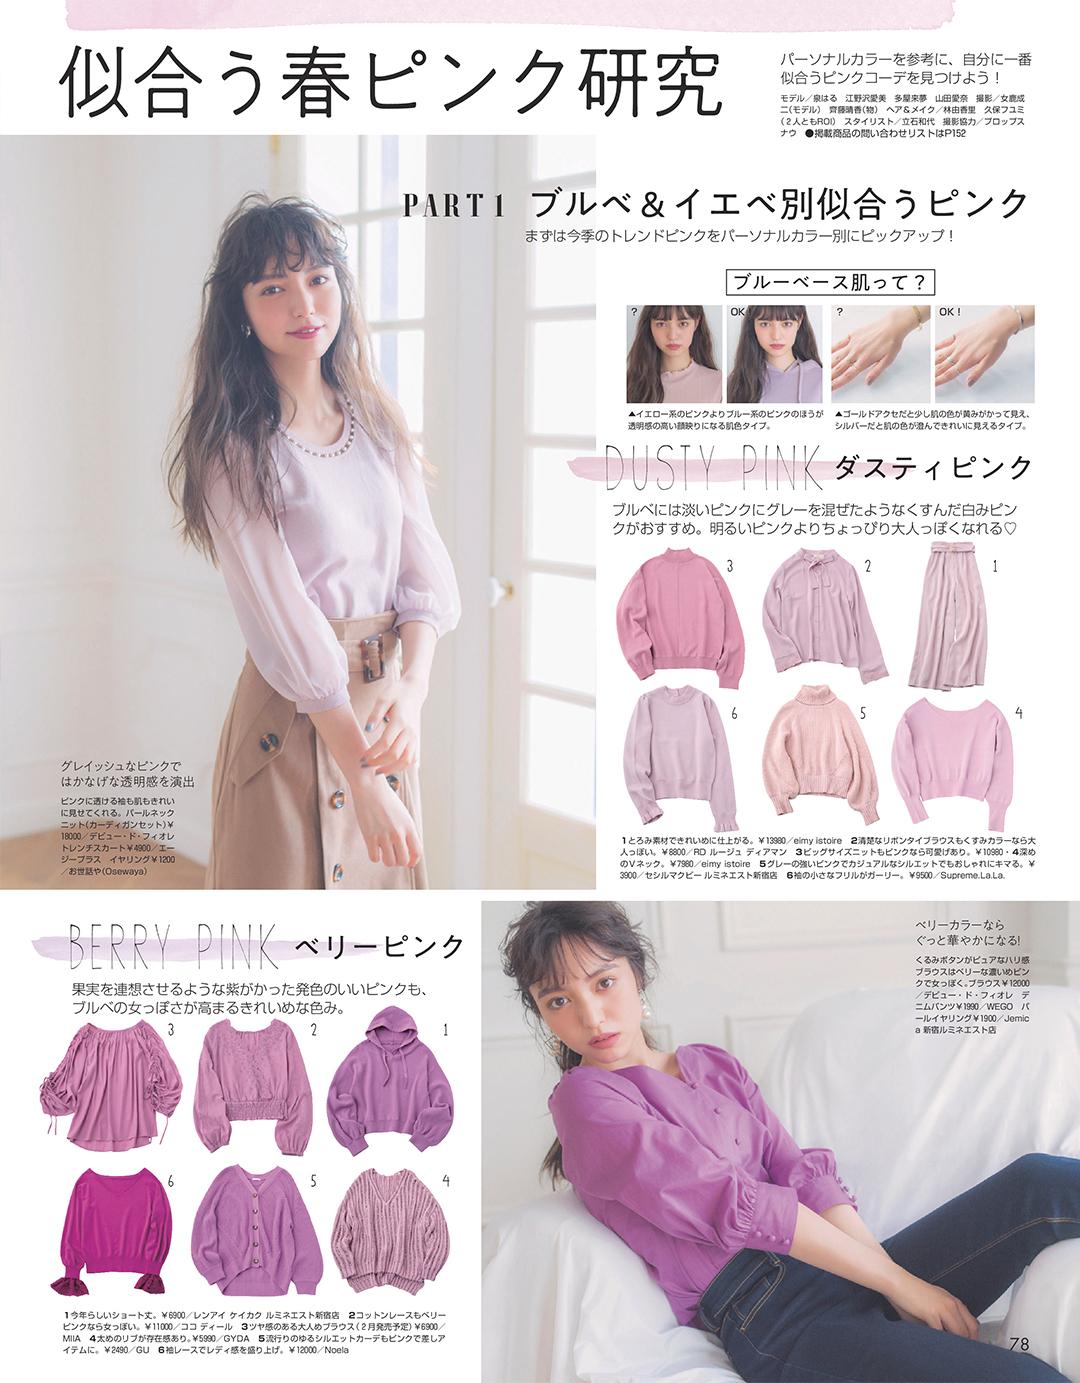 ブルベ肌&イエベ肌別 似合う春ピンク研究